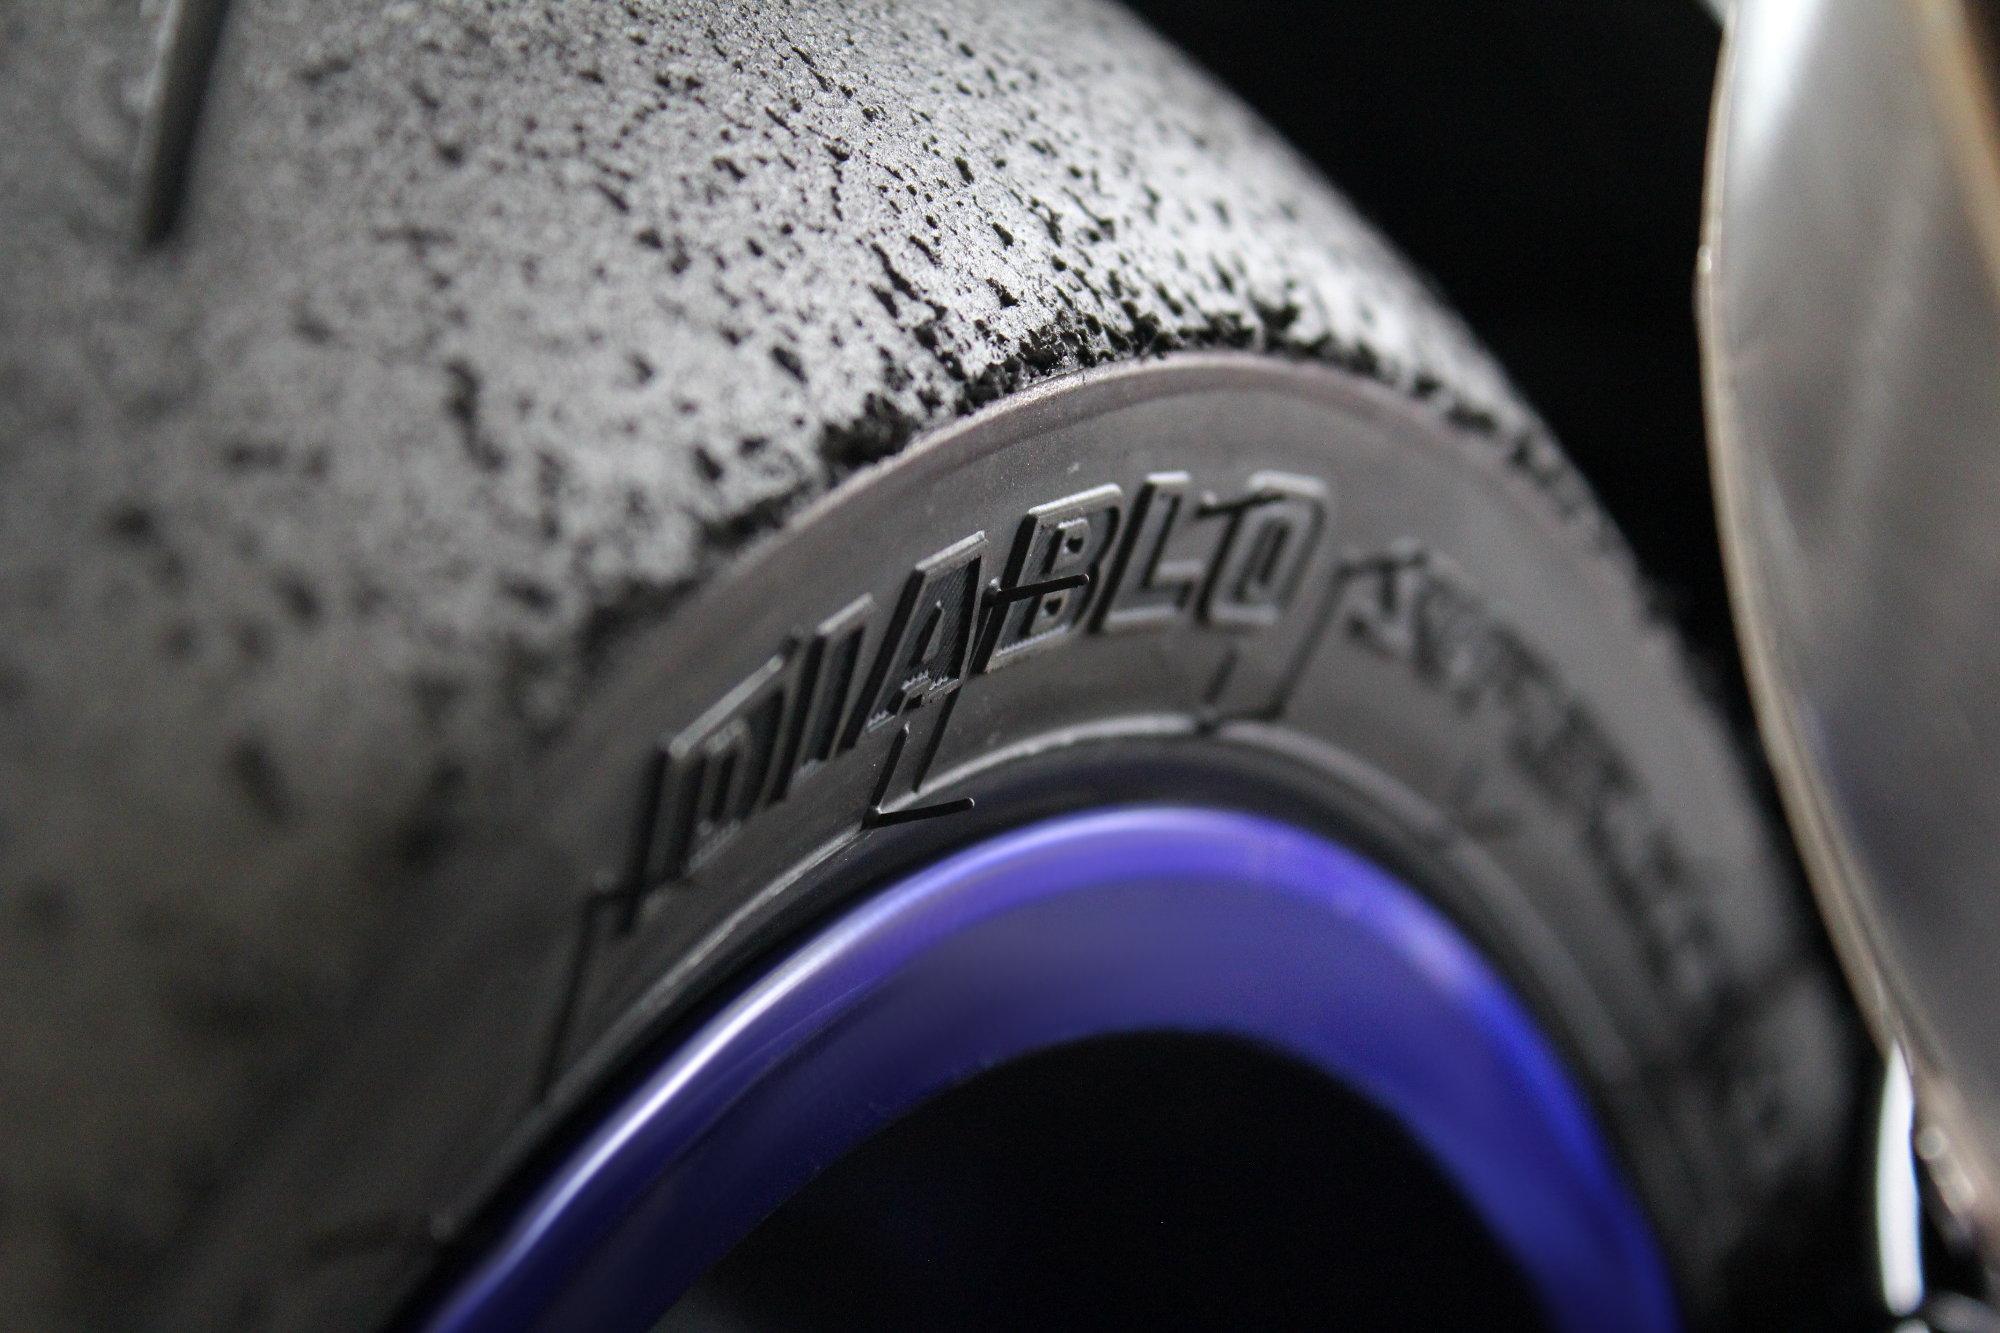 Les pneus trop sportifs, à déconseiller pour la route